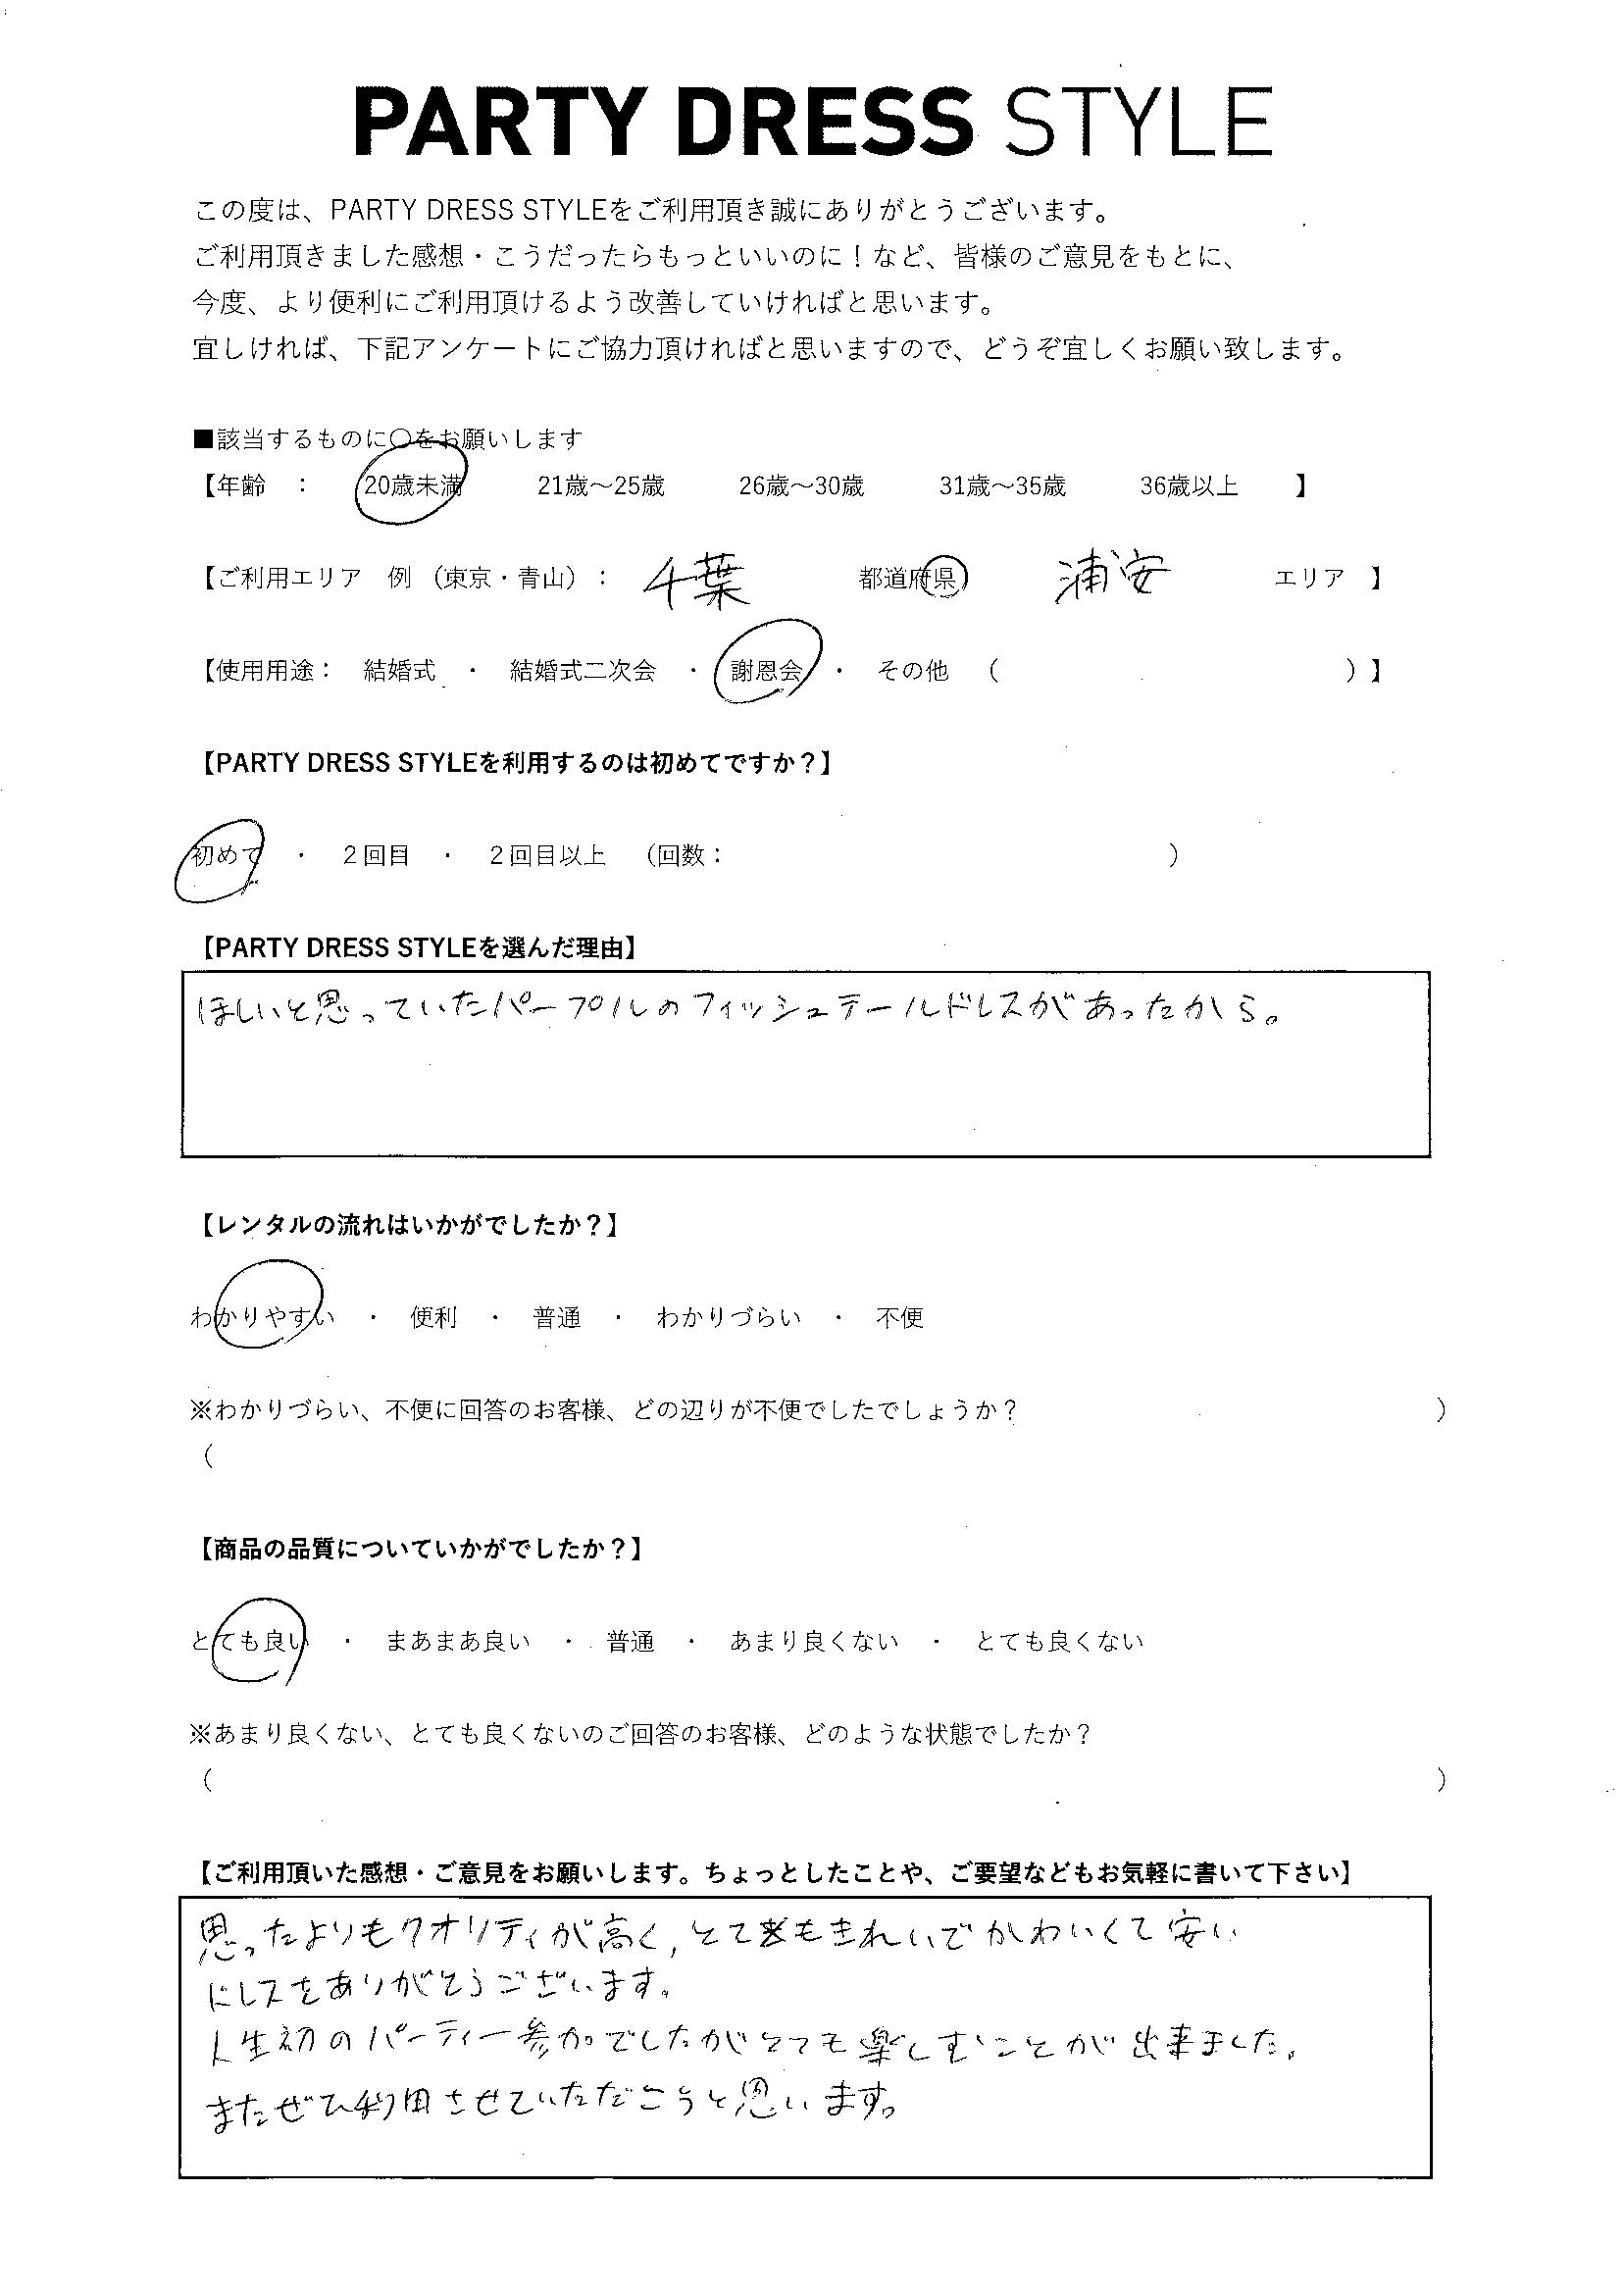 3/19謝恩会ご利用 千葉・浦安エリア